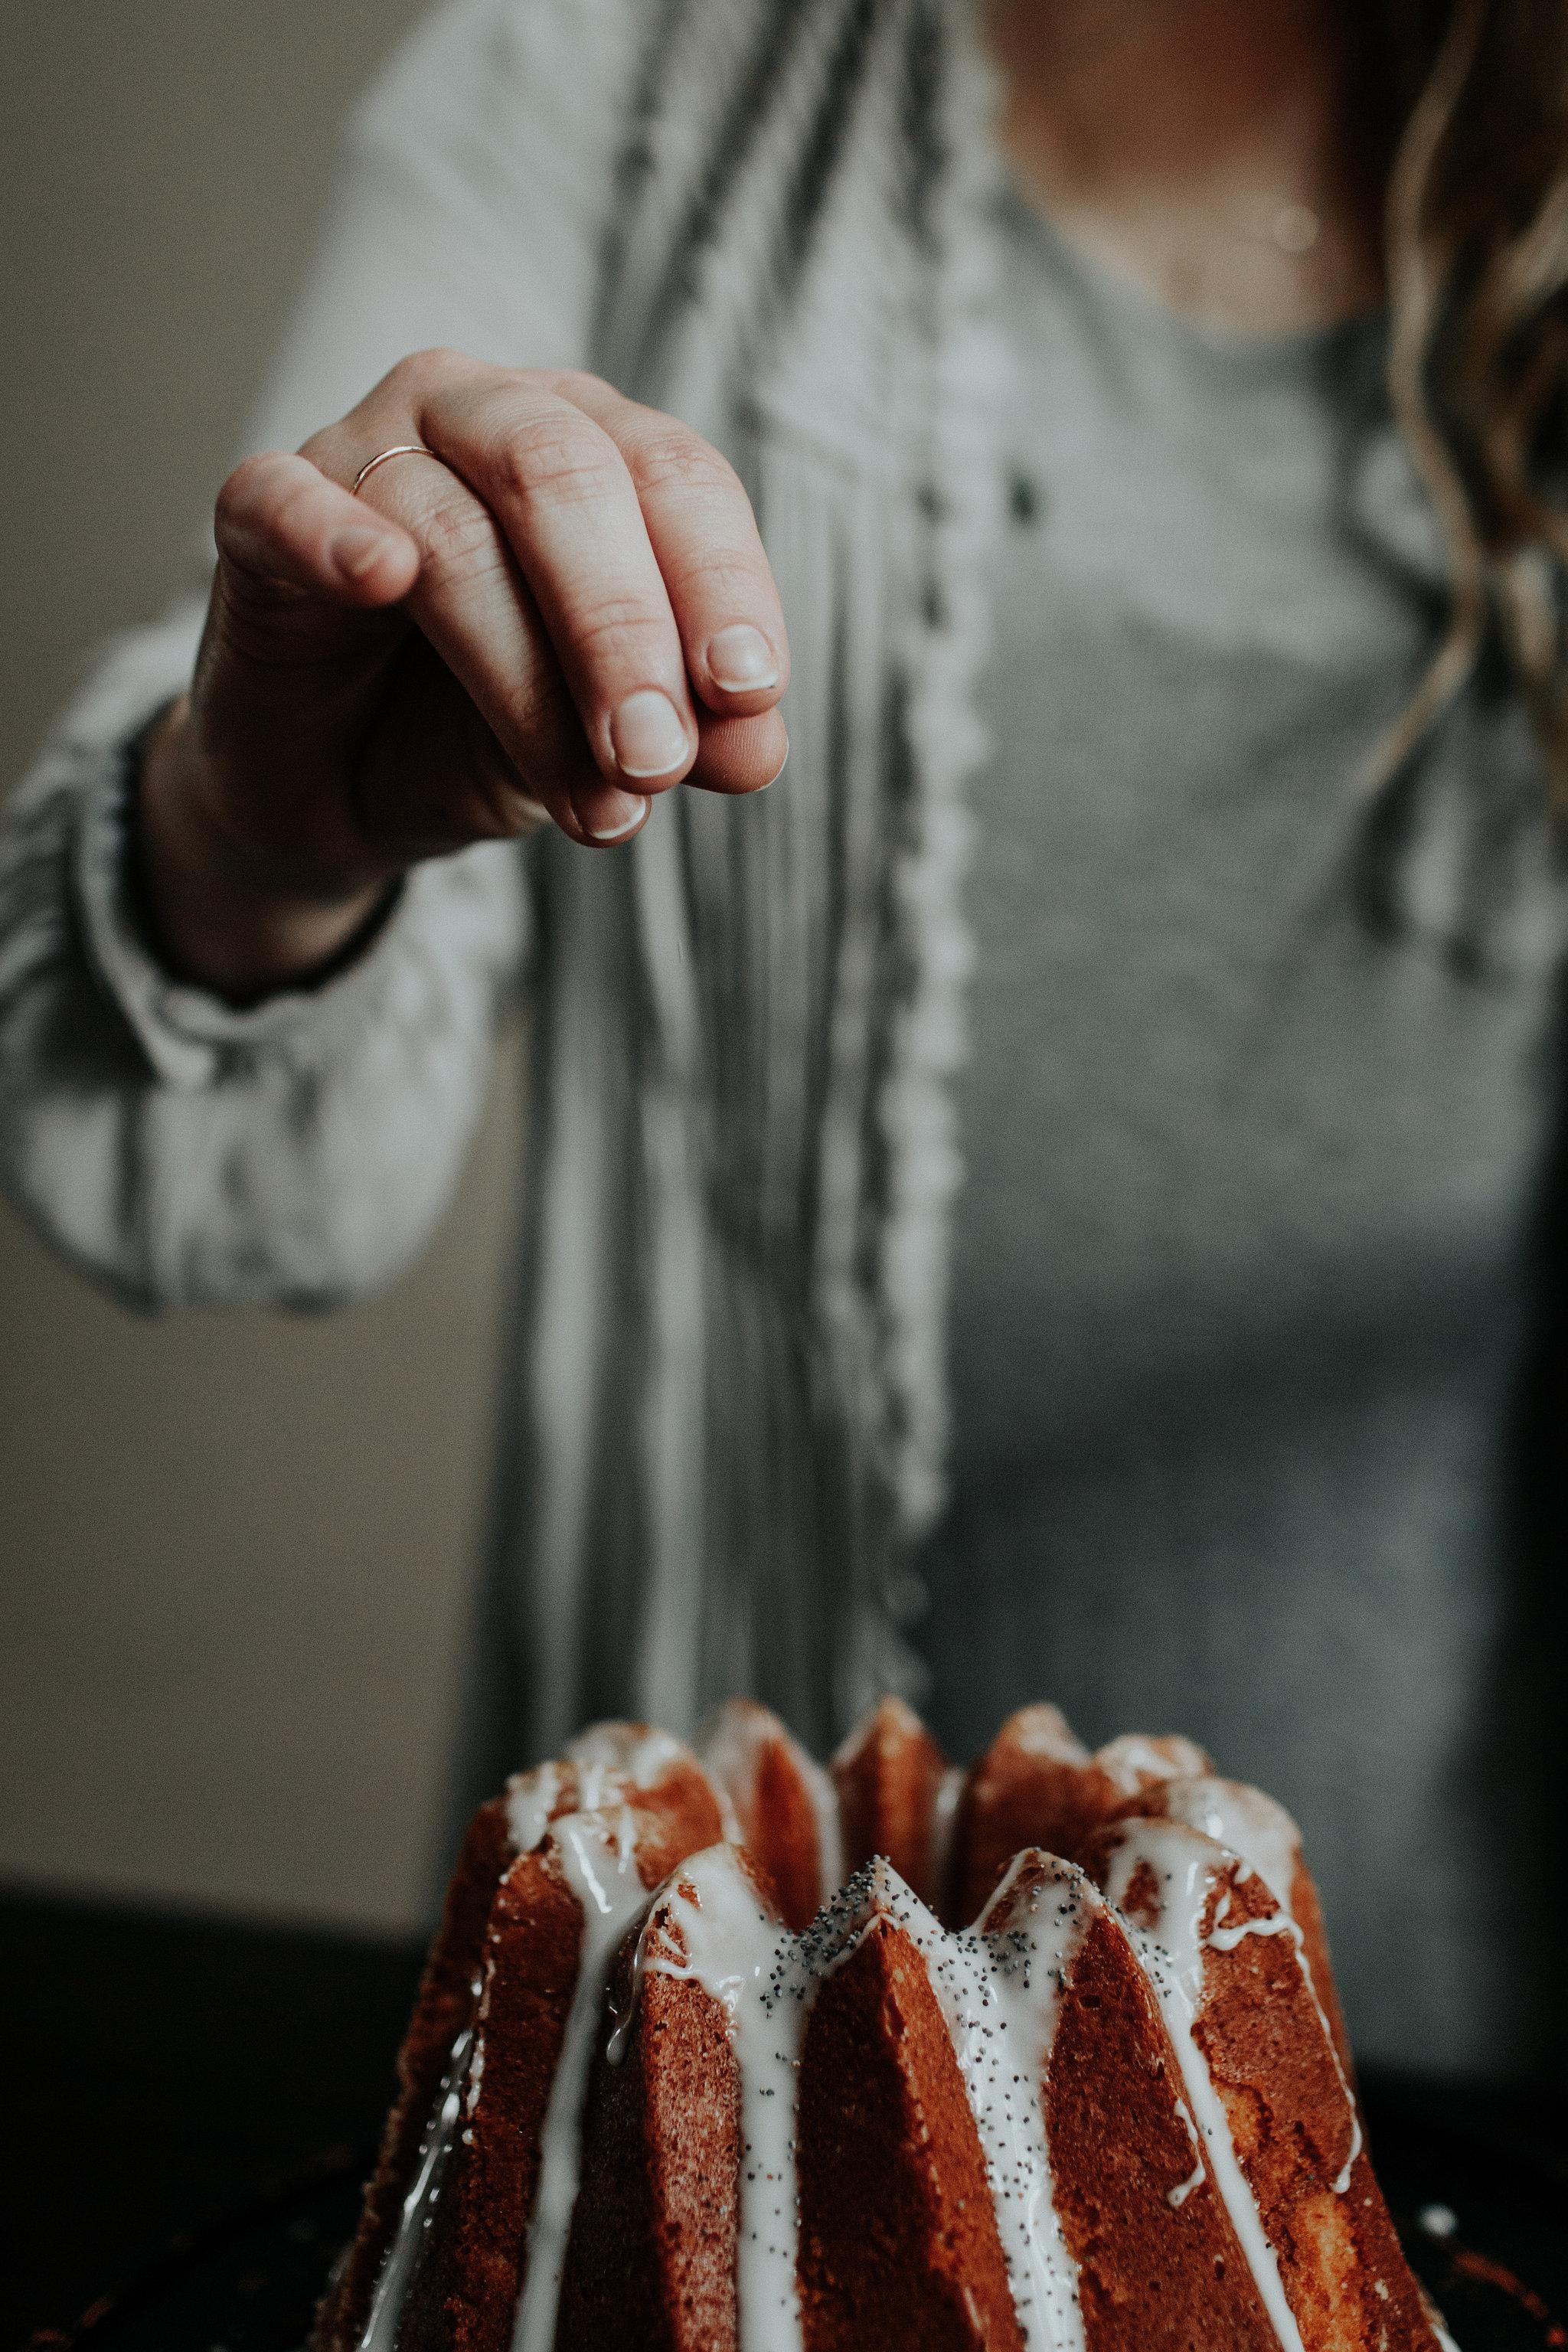 vanilla bean cake + honey whiskey glaze, garnished with poppy seeds.